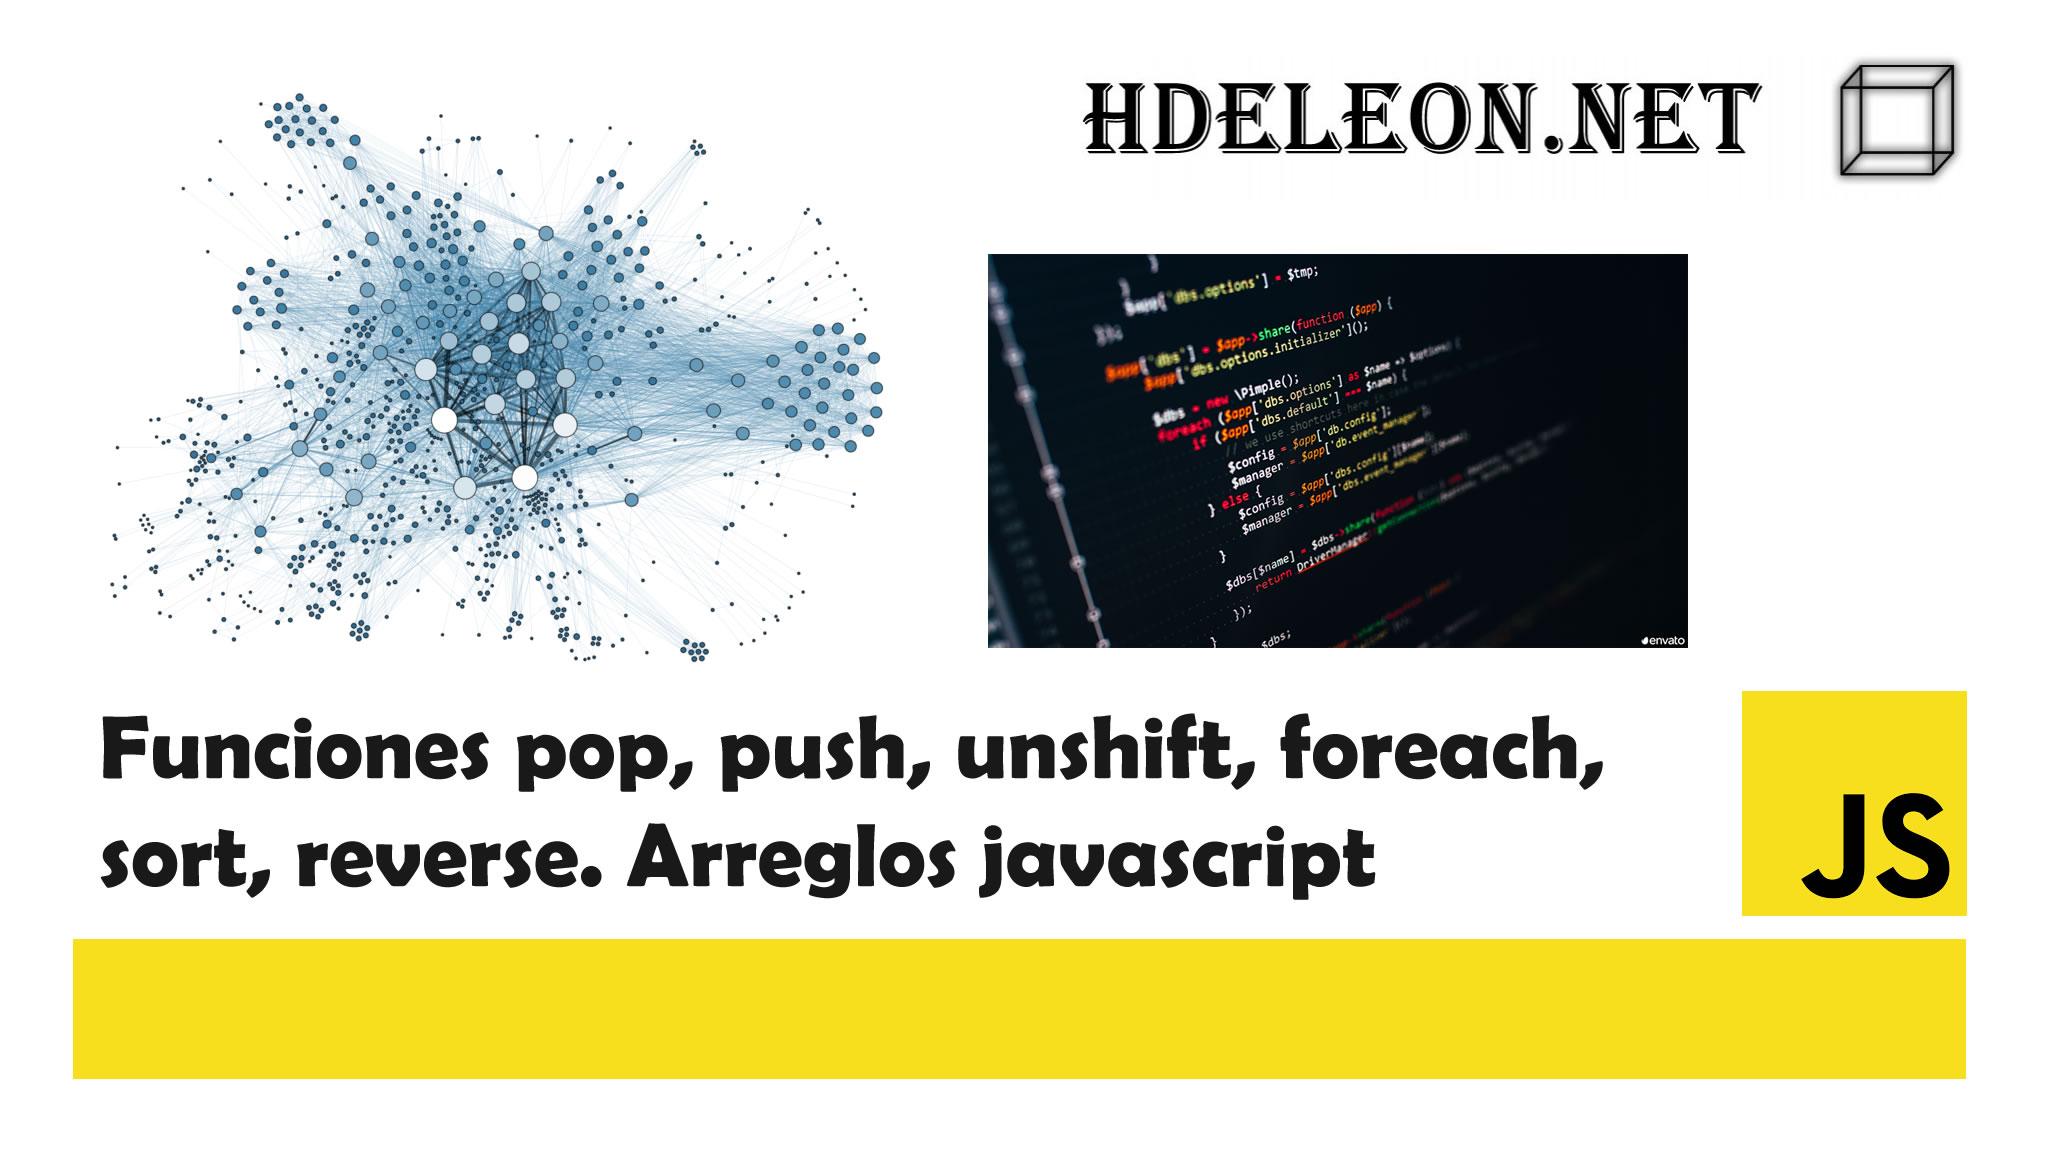 Funciones pop, push, unshift, foreach, sort, reverse, arreglos #javascript